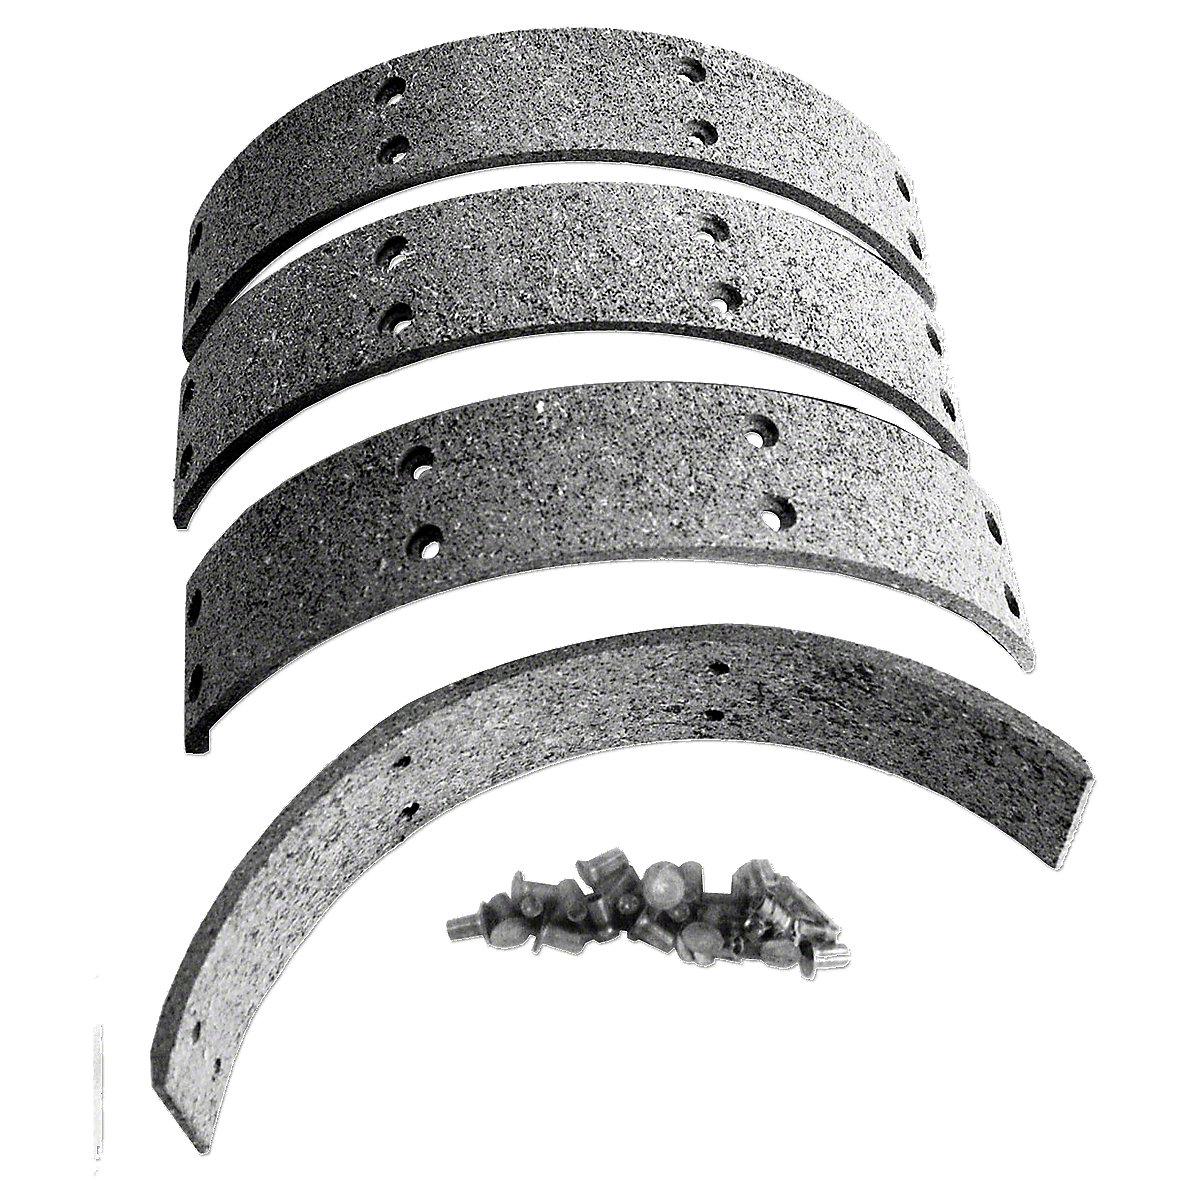 Brake Lining Kit For Massey Harris: 101 Sr, 102 Sr, 44, 44-6.